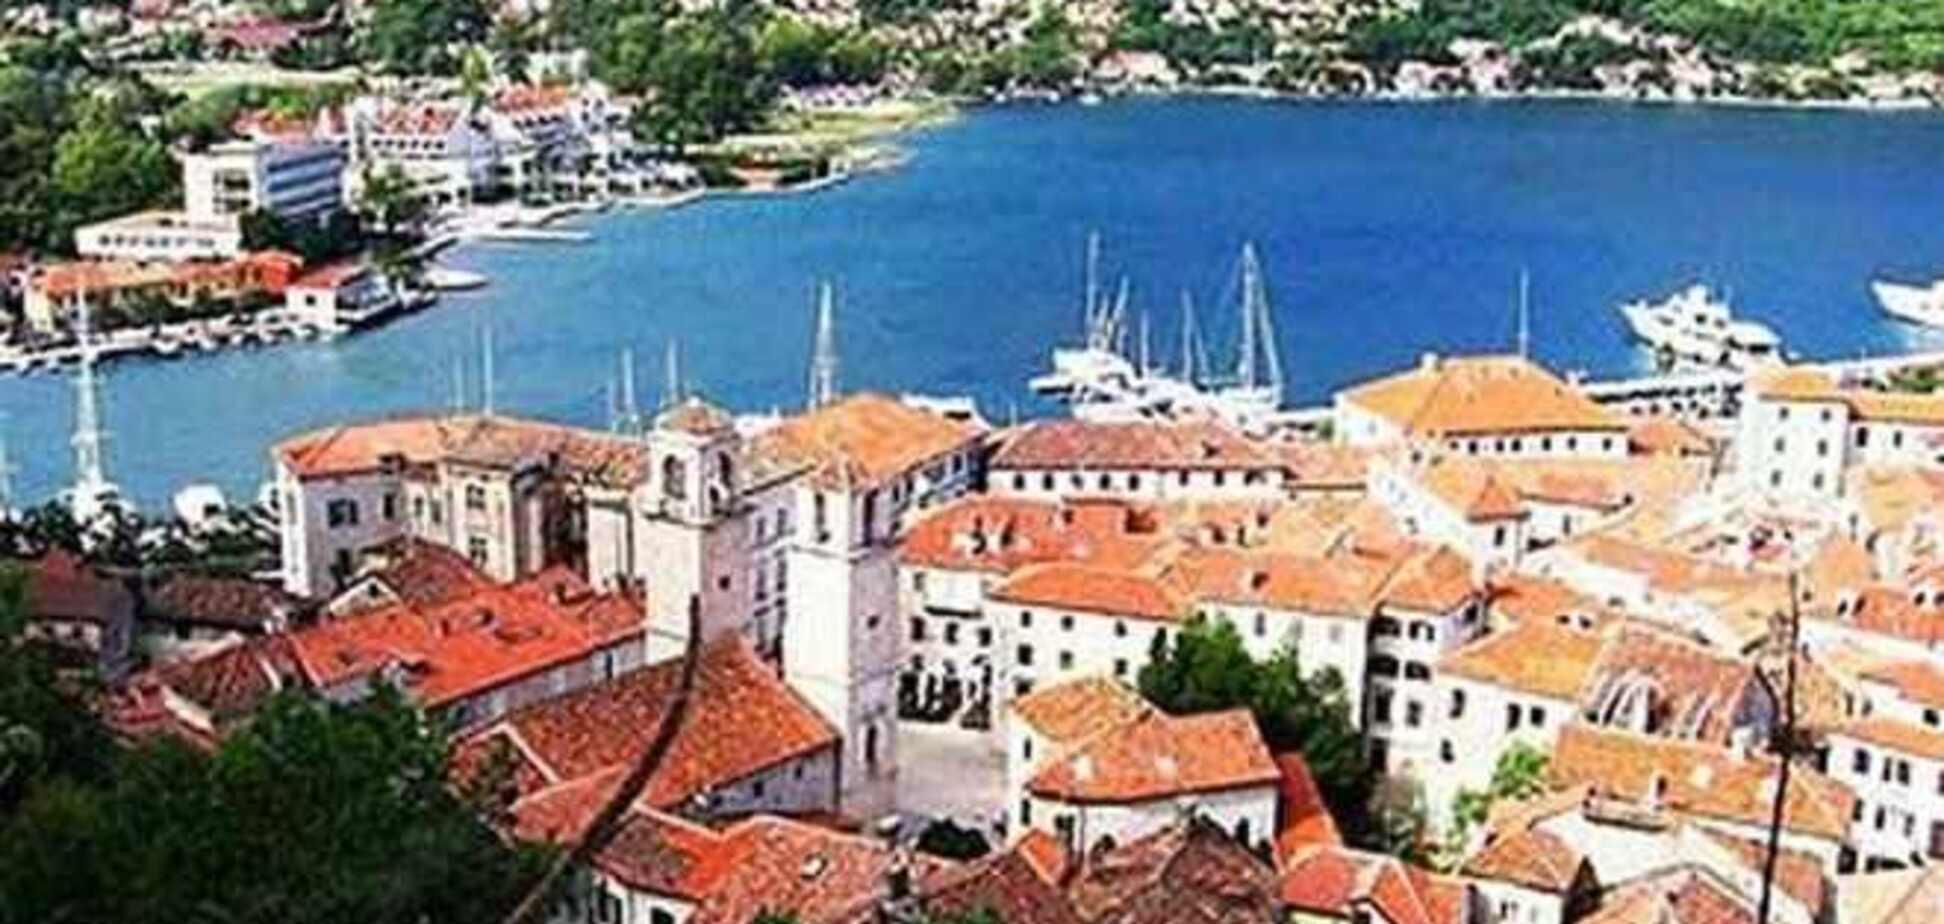 Компания North Star исправно строит туристический комплекс в Черногории